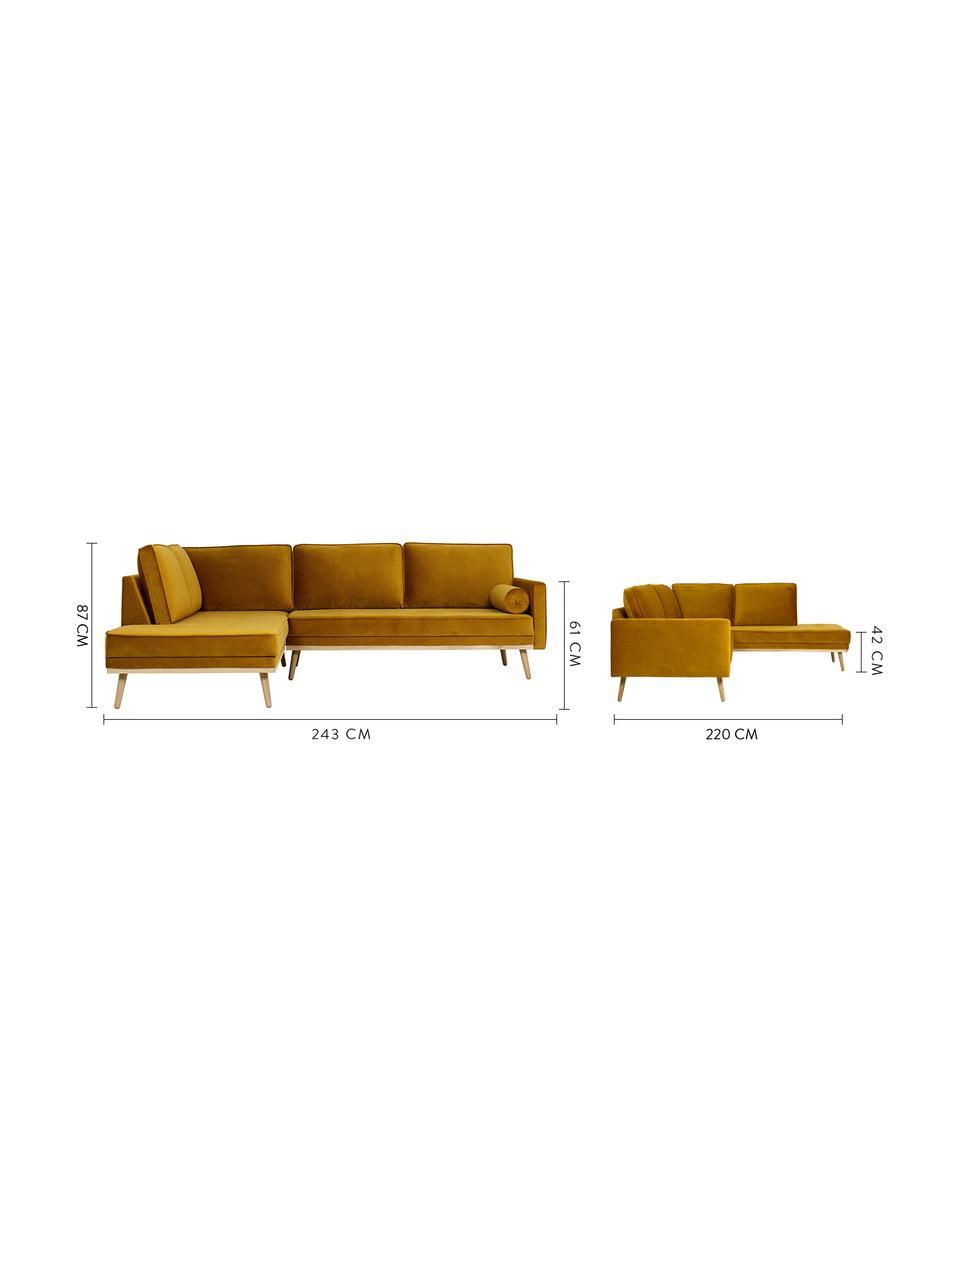 Sofa narożna z aksamitu z nogami z drewna dębowego Saint (3-osobowa), Tapicerka: aksamit (poliester) Dzięk, Aksamitny musztardowy, S 243 x G 220 cm